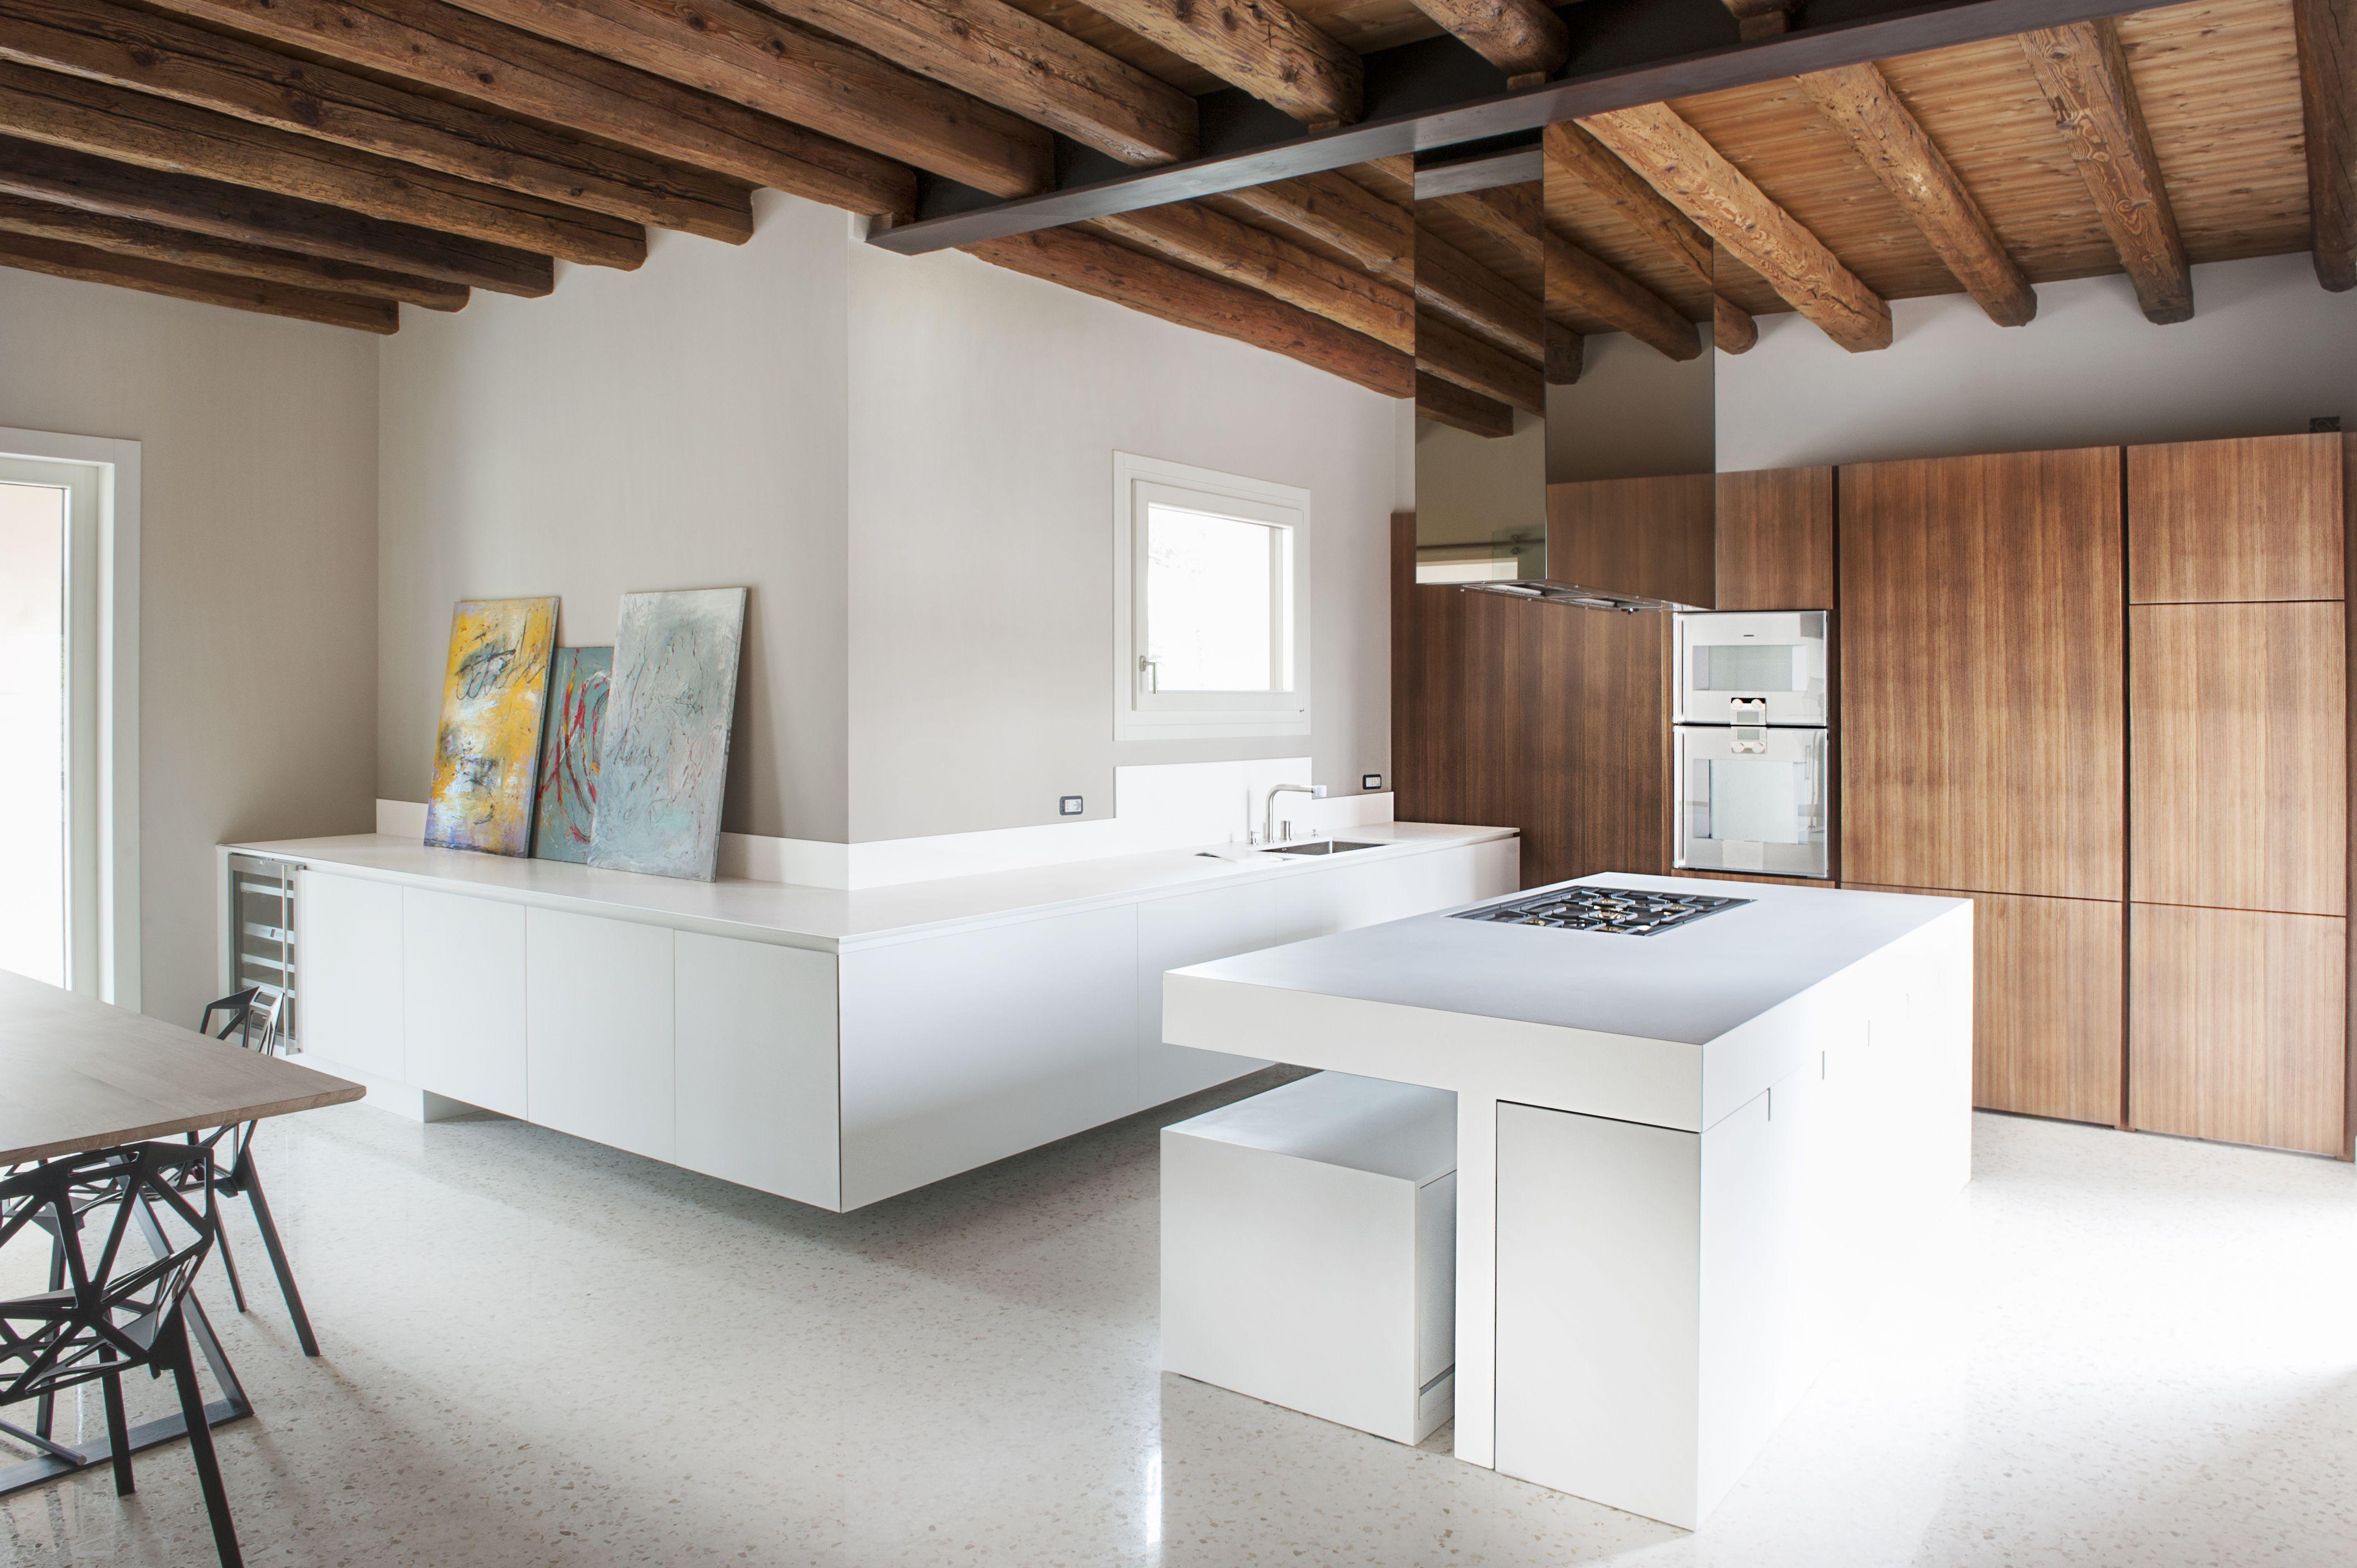 HI MACS Forhandlet Af Keflico A/S. Skriv Til Info@keflico. Moderne  KücheninselModerne ...